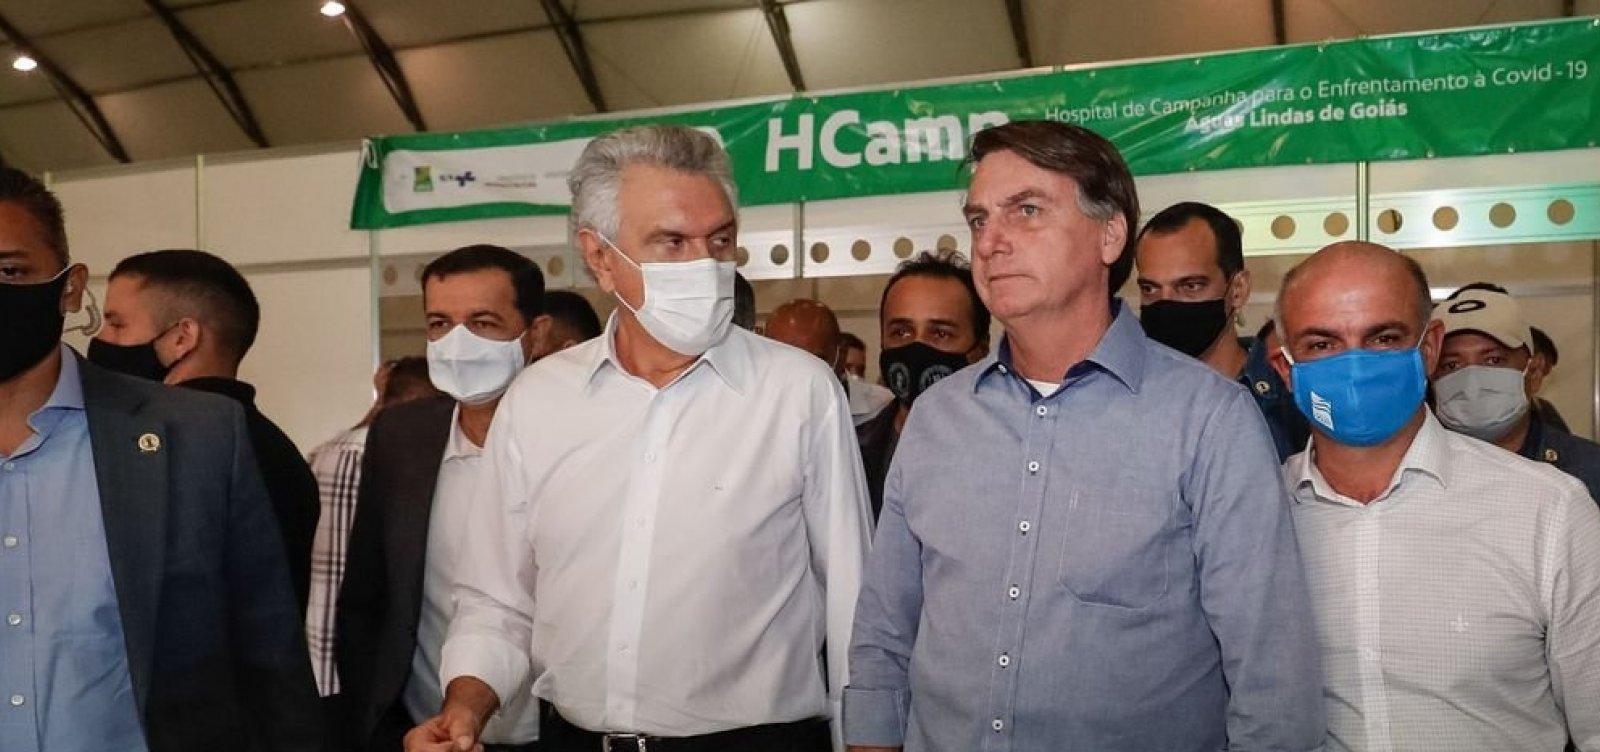 [AGU recorre de decisão que impôs uso de máscara ao presidente]